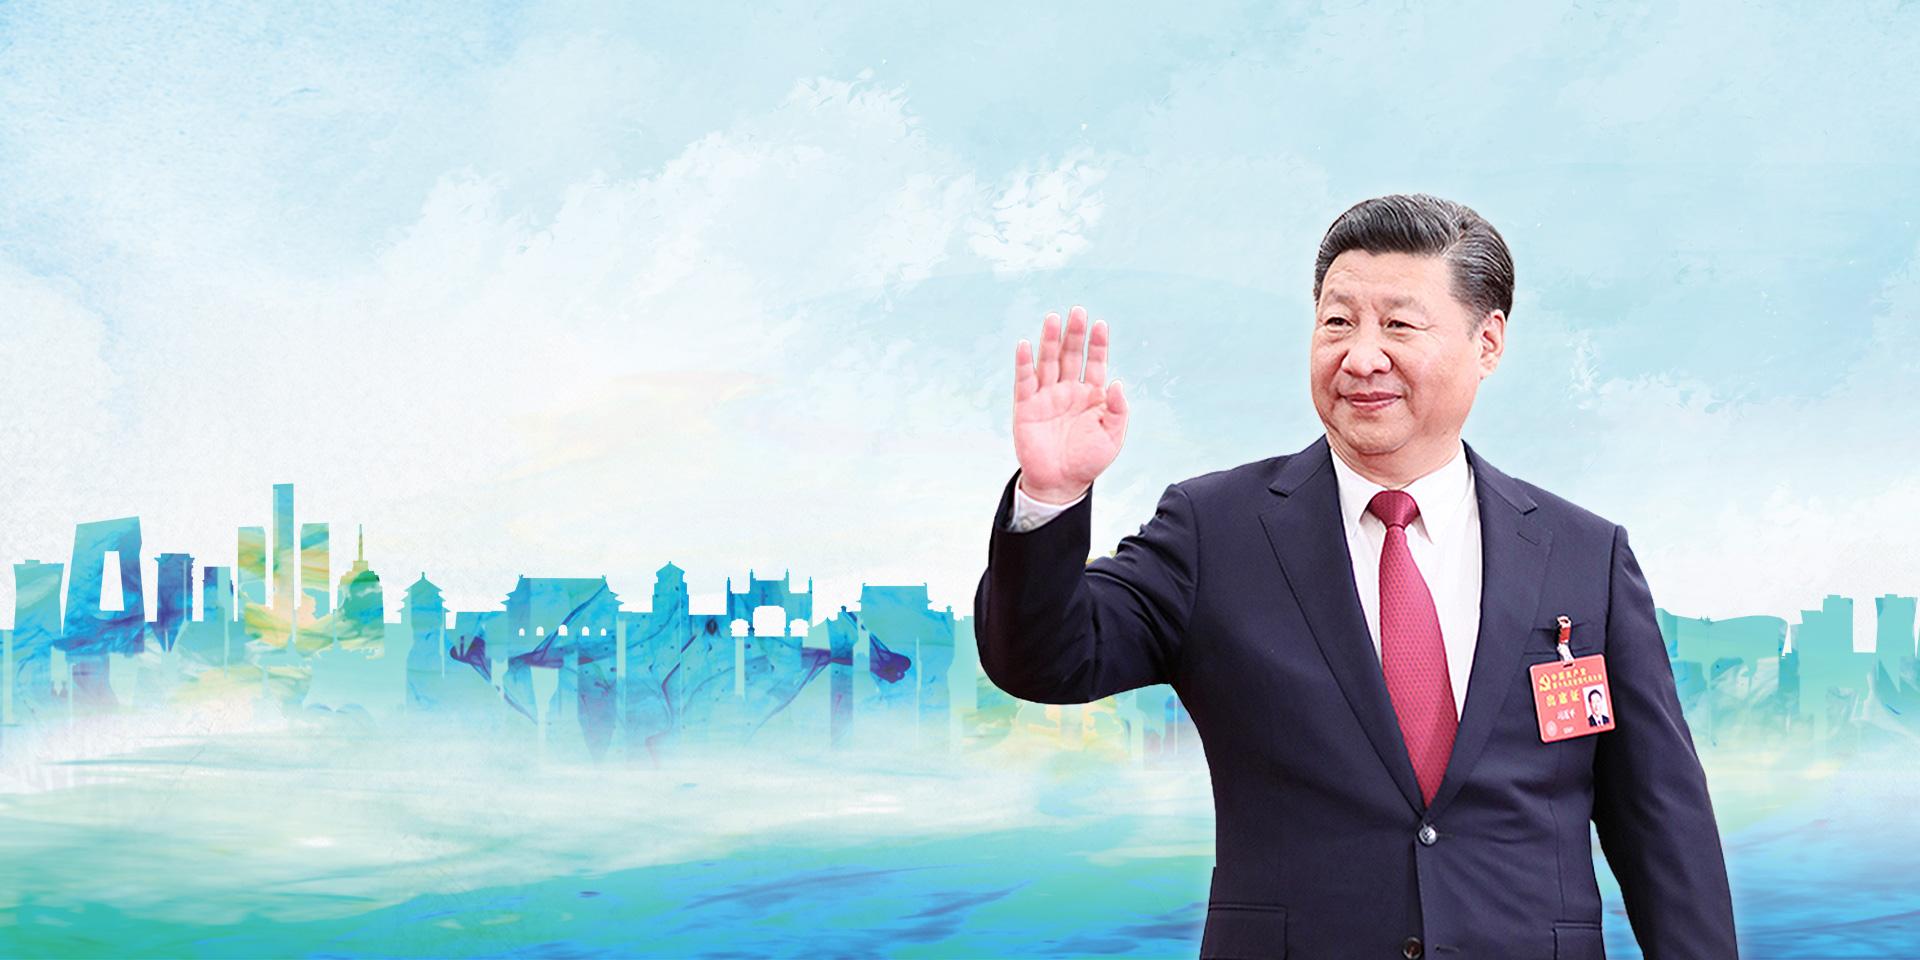 推进国家治理体系和治理能力现代化。